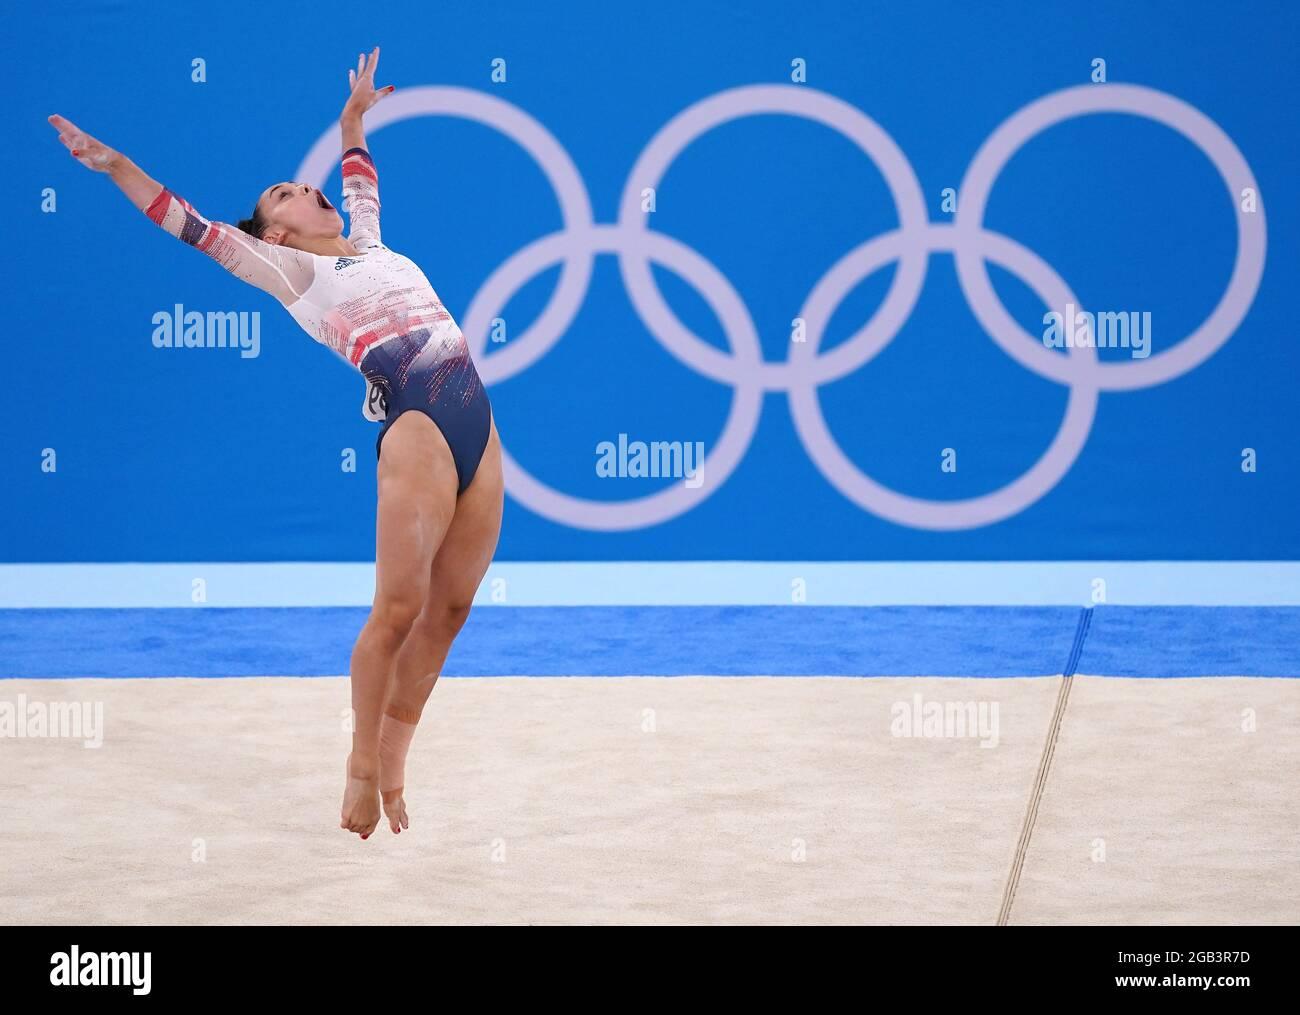 Gran Bretagna Jennifer Gadirova in the Women's Floor finale di esercizio al Ariake Gymnastic Center il decimo giorno dei Giochi Olimpici di Tokyo 2020 in Giappone. Data immagine: Lunedì 2 agosto 2021. Foto Stock